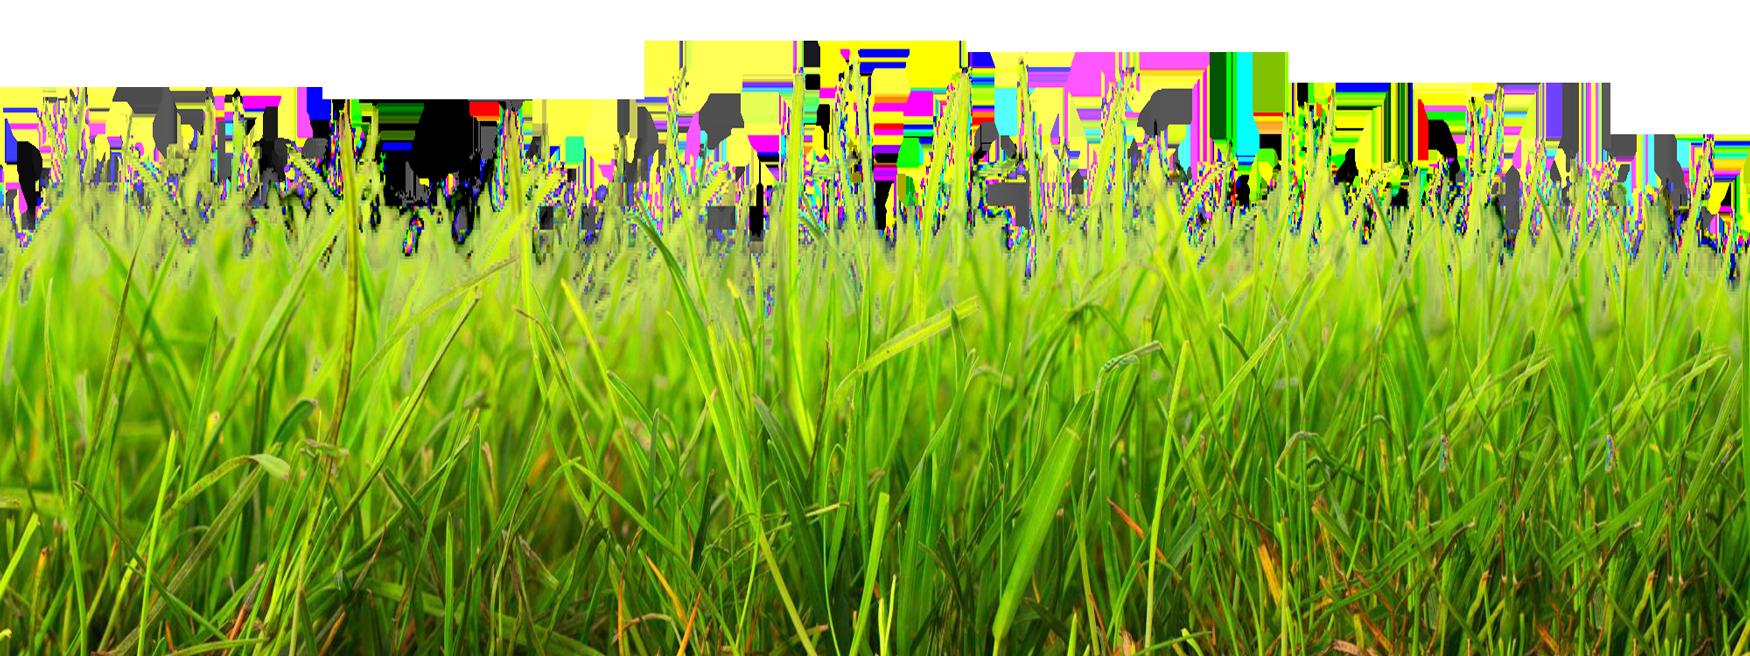 Grass HD PNG-PlusPNG.com-1750 - Grass HD PNG